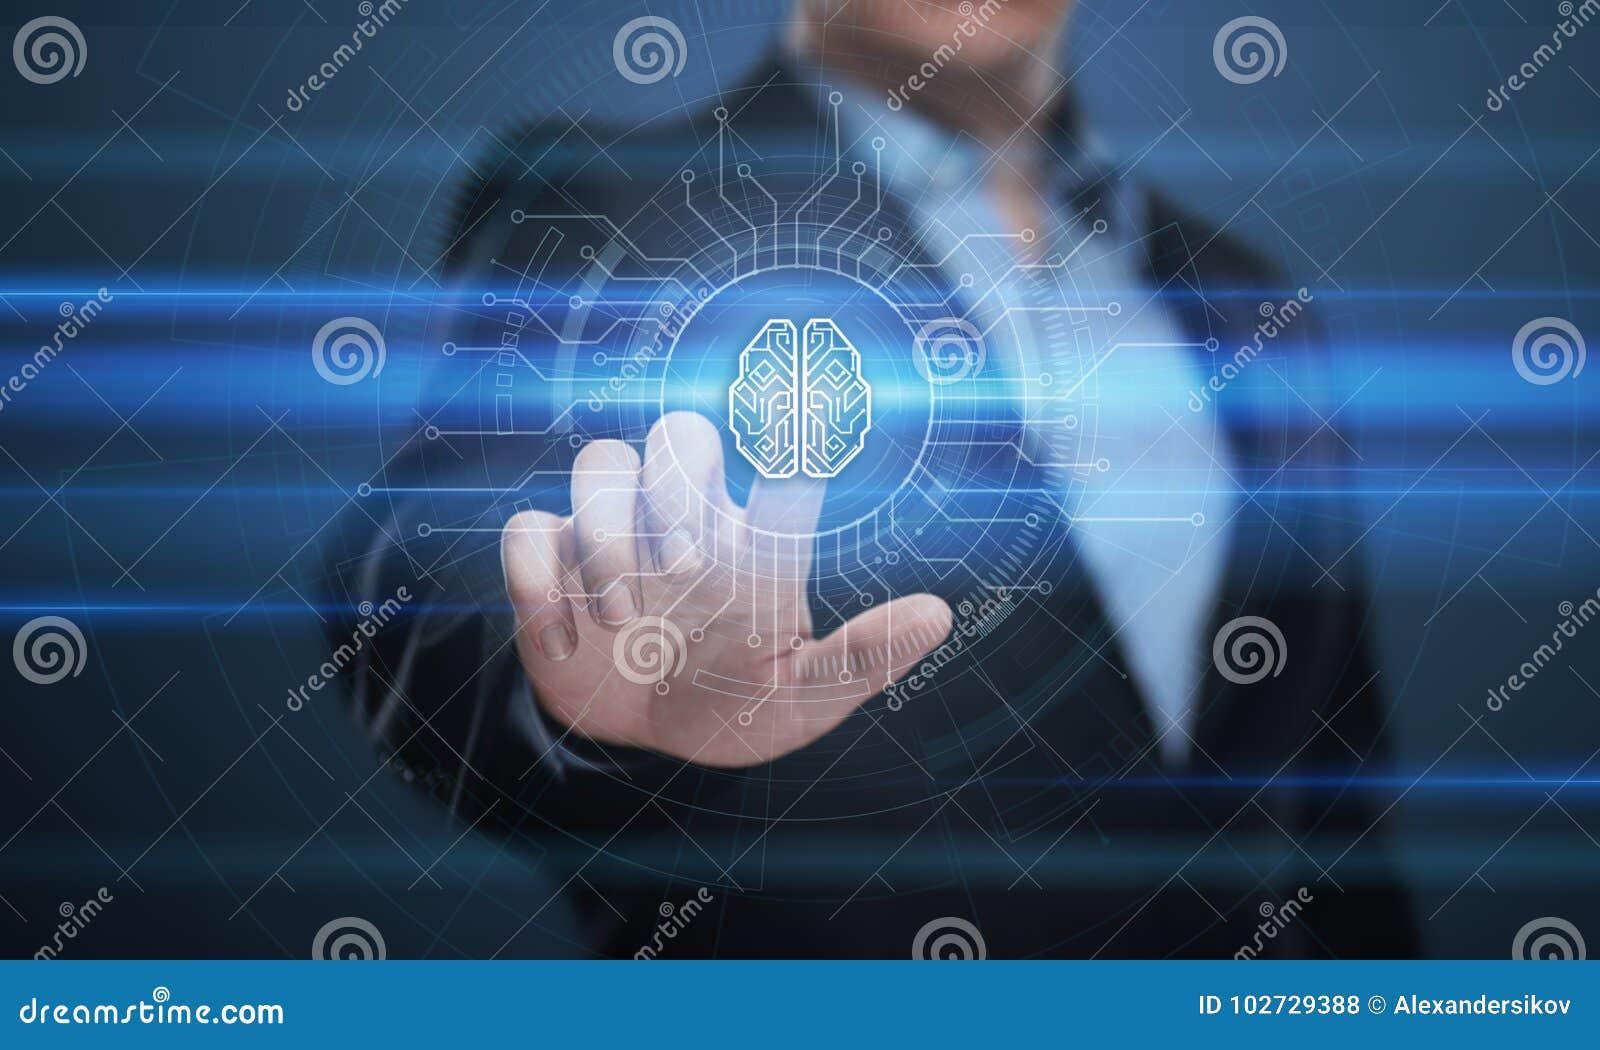 Concetto della rete internet di tecnologia di affari di apprendimento automatico di AI di intelligenza di Digital Brain Artificia